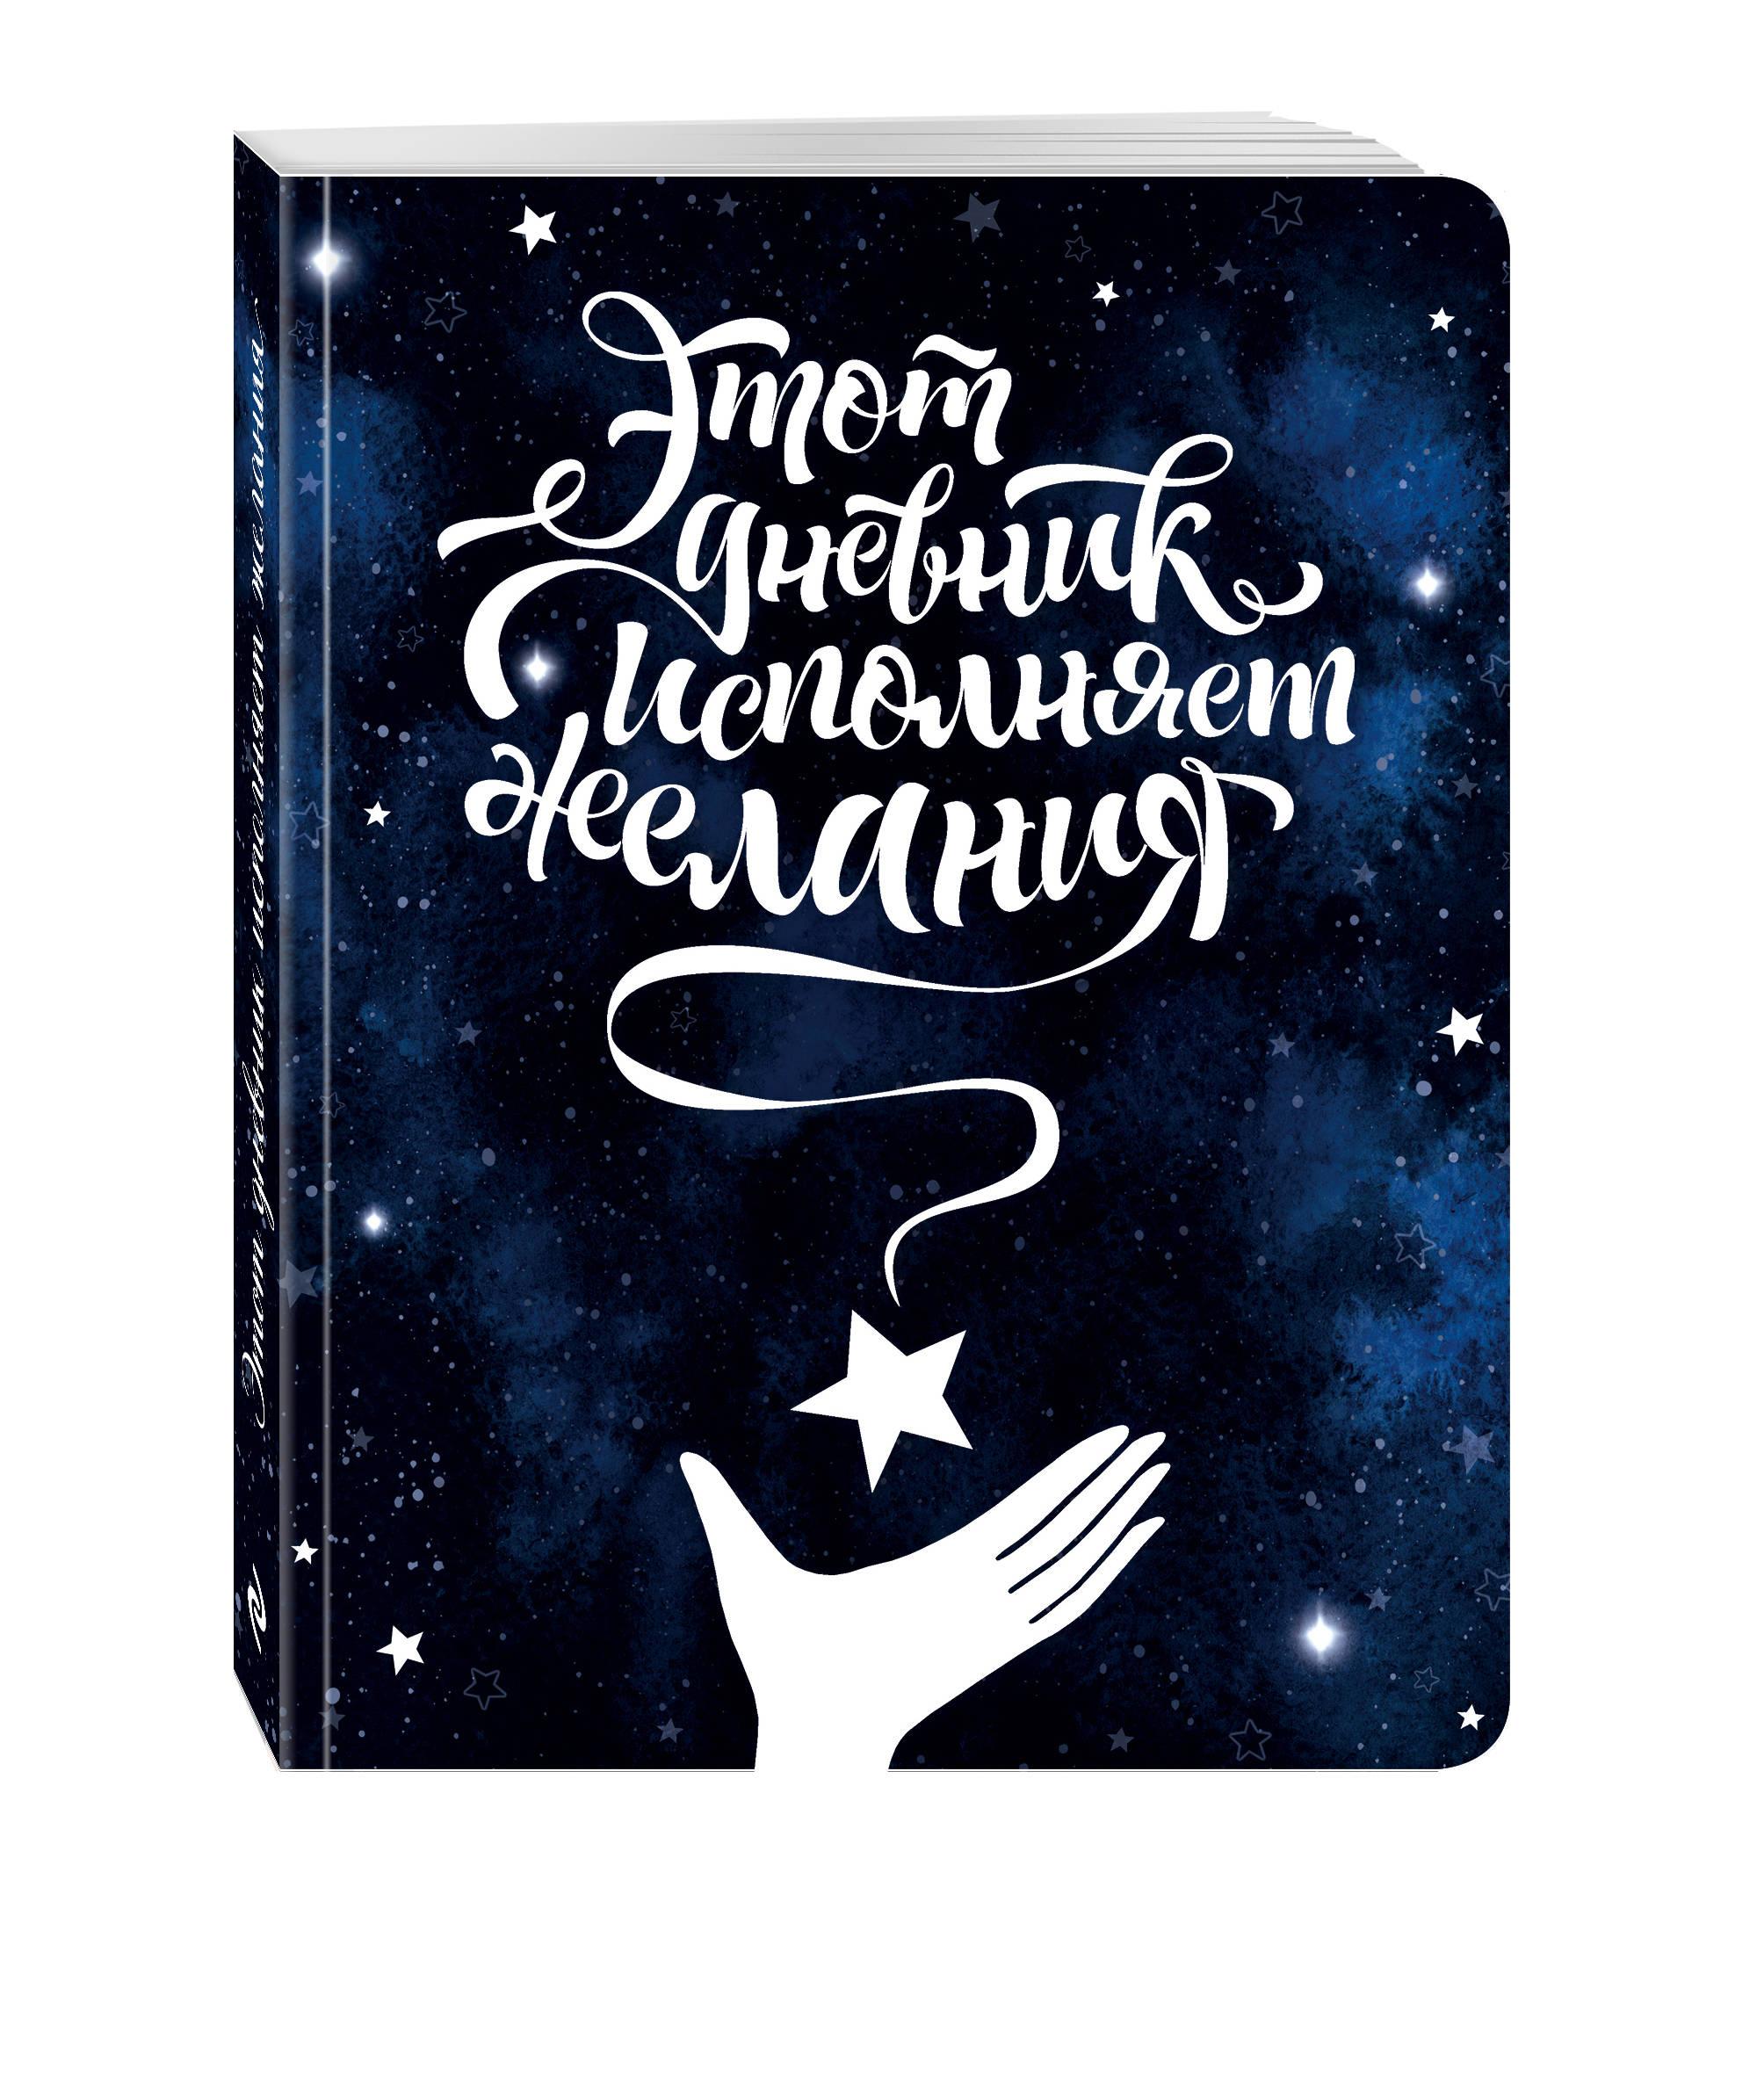 Козловская Ю. Этот дневник исполняет желания календарь малый на 2018г сгйокширский терьер 23 26см на спирали